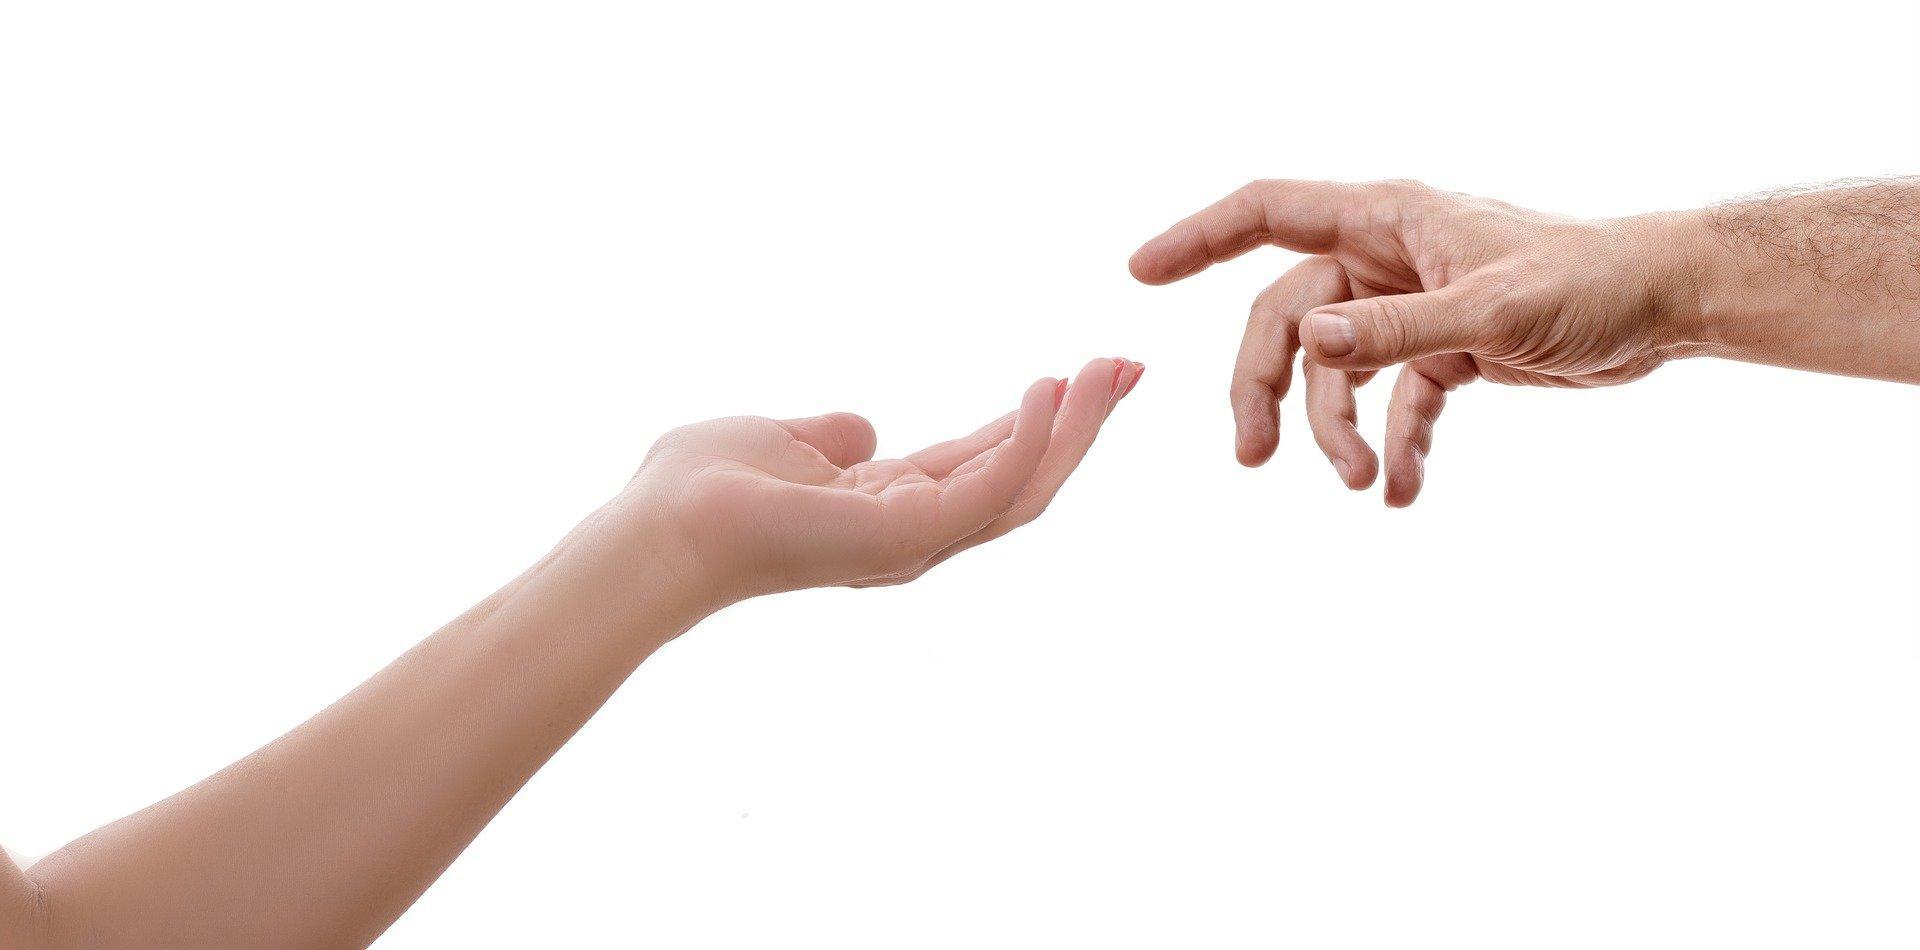 Как запоминать с помощью тактильных ощущений